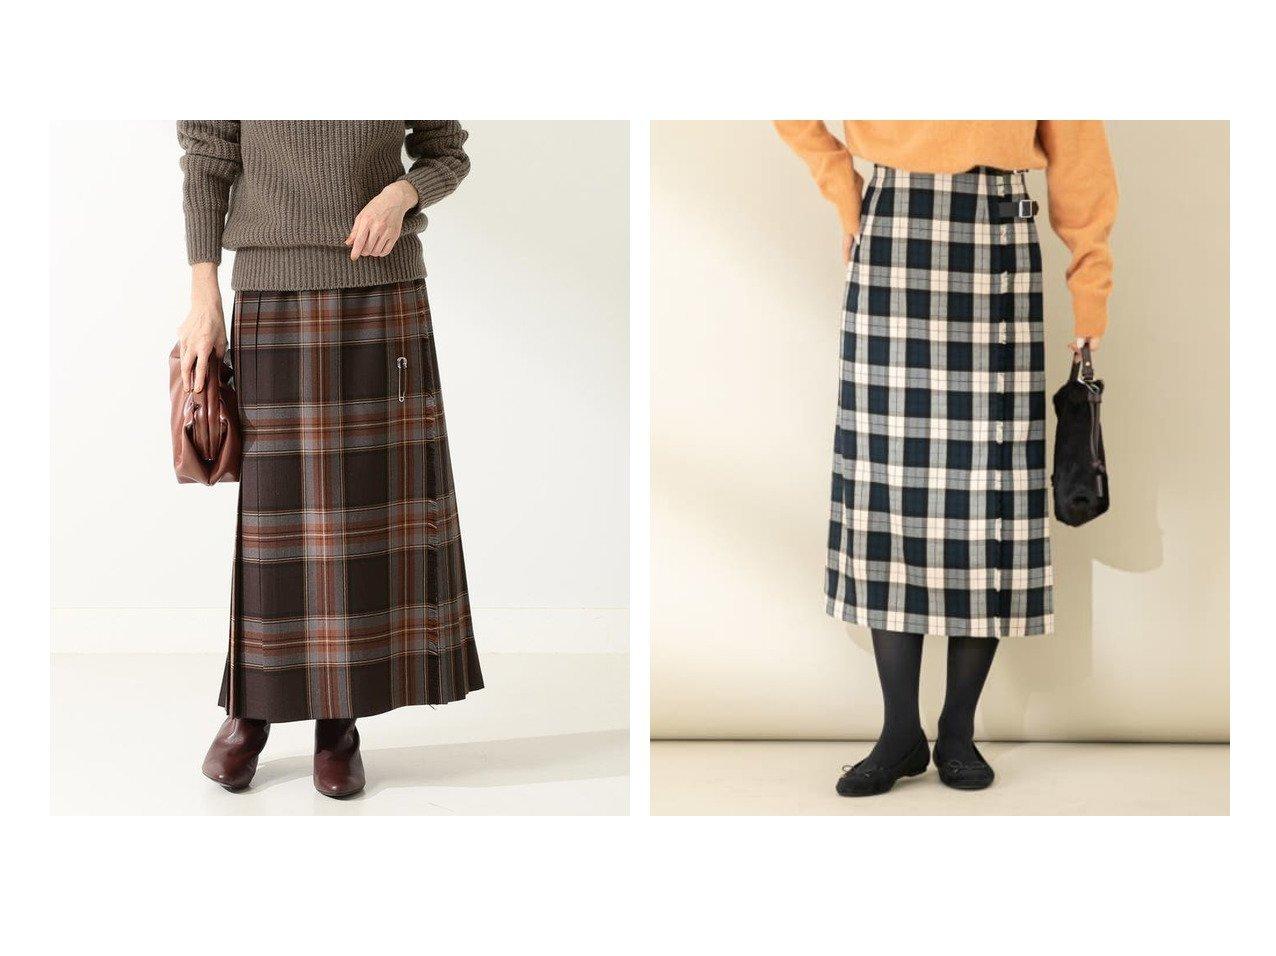 【Demi-Luxe BEAMS/デミルクス ビームス】のMOYNALTY ロング キルトスカート&【Sonny Label / URBAN RESEARCH/サニーレーベル】のチェックキルトスカート スカートのおすすめ!人気トレンド・レディースファッションの通販 おすすめで人気の流行・トレンド、ファッションの通販商品 メンズファッション・キッズファッション・インテリア・家具・レディースファッション・服の通販 founy(ファニー) https://founy.com/ ファッション Fashion レディースファッション WOMEN スカート Skirt チェック バランス キルト フロント モダン ロング 人気 定番  ID:crp329100000008529